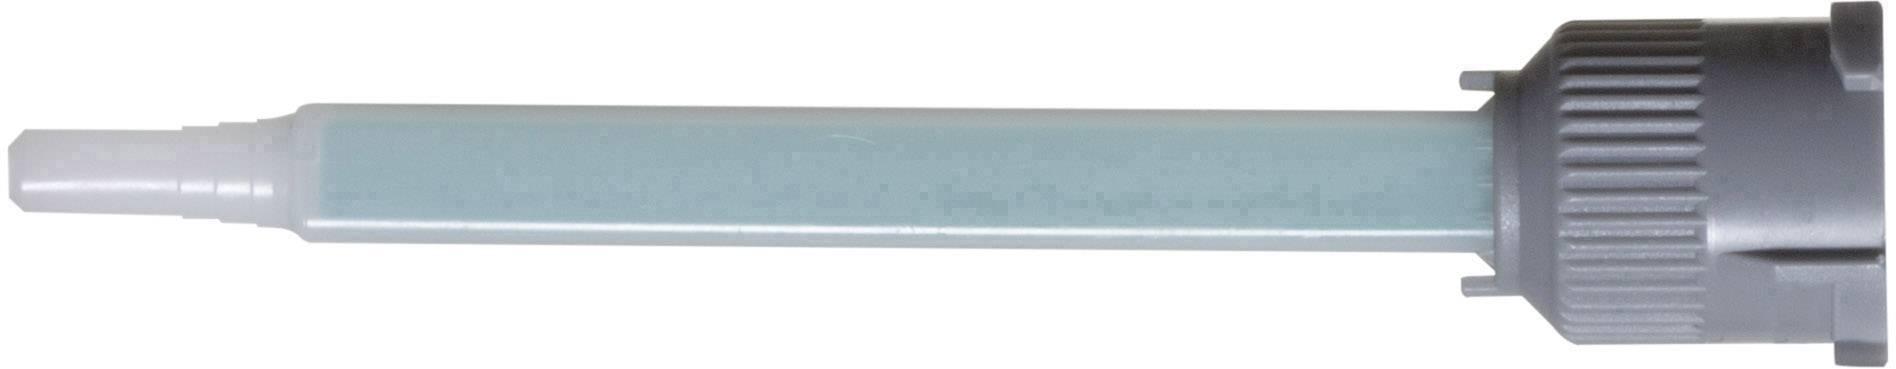 Směšovací tryska Fischer fill & fix 542940, 6 ks